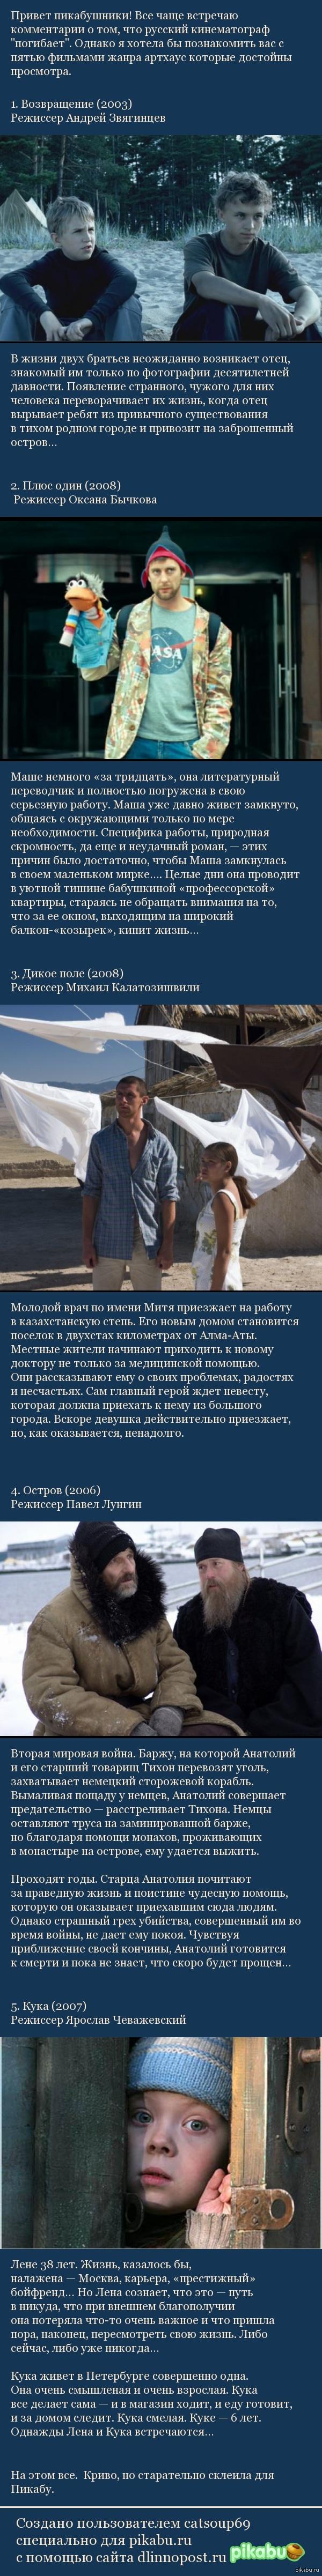 Настолько ли плох российский кинематограф? Несколько отличных фильмов в жанре артхаус